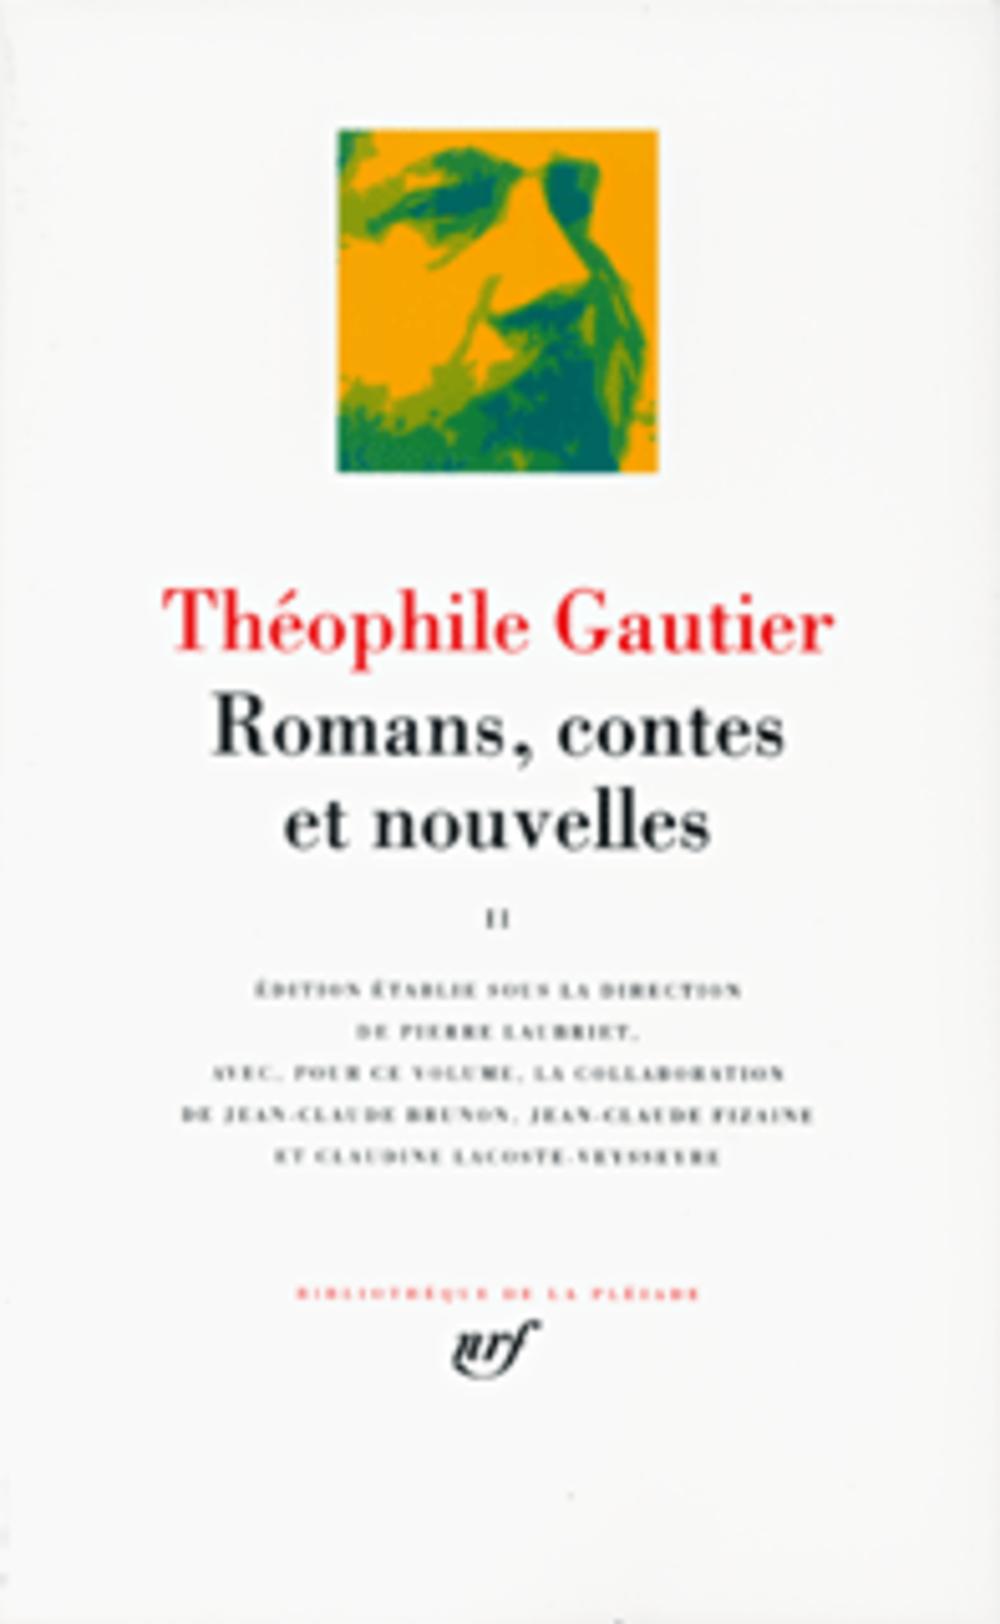 GAUTIER, THEOPHILE  - ROMANS, CONTES ET NOUVELLES T.1